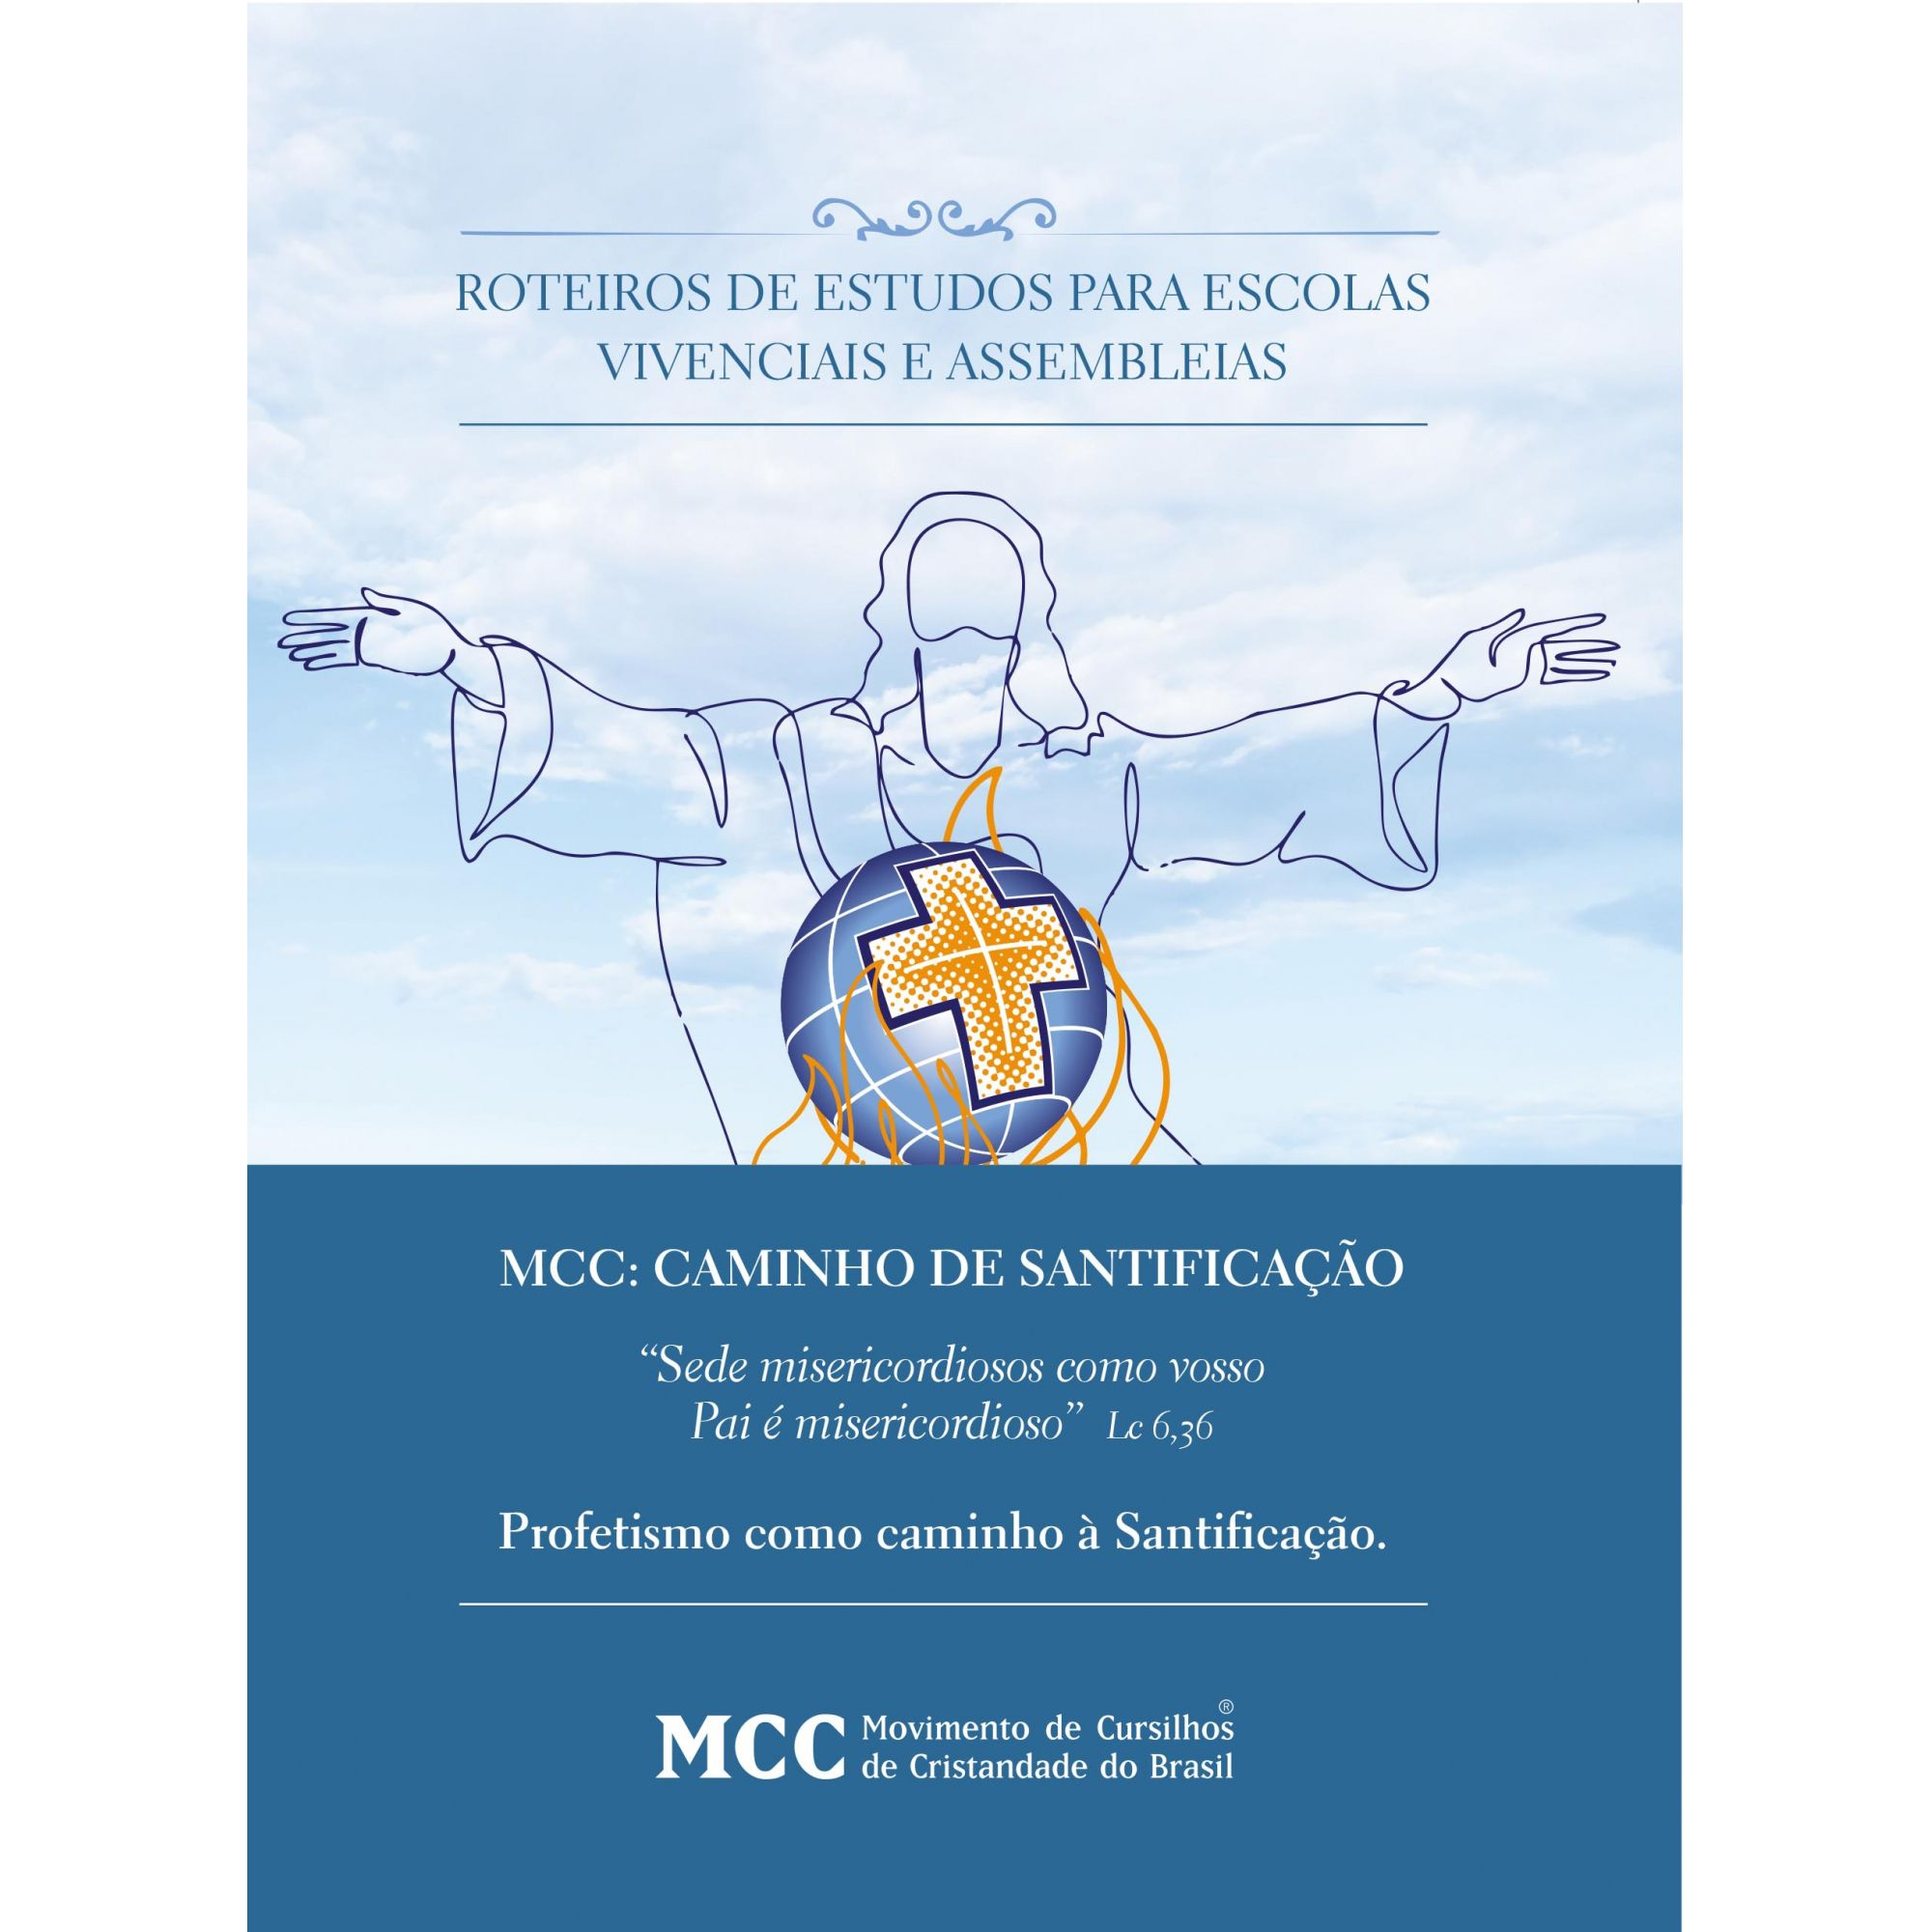 Roteiro de Estudos para Escolas Vivencias e Assembleias - Profetismo como caminho à Santificação - AR2020